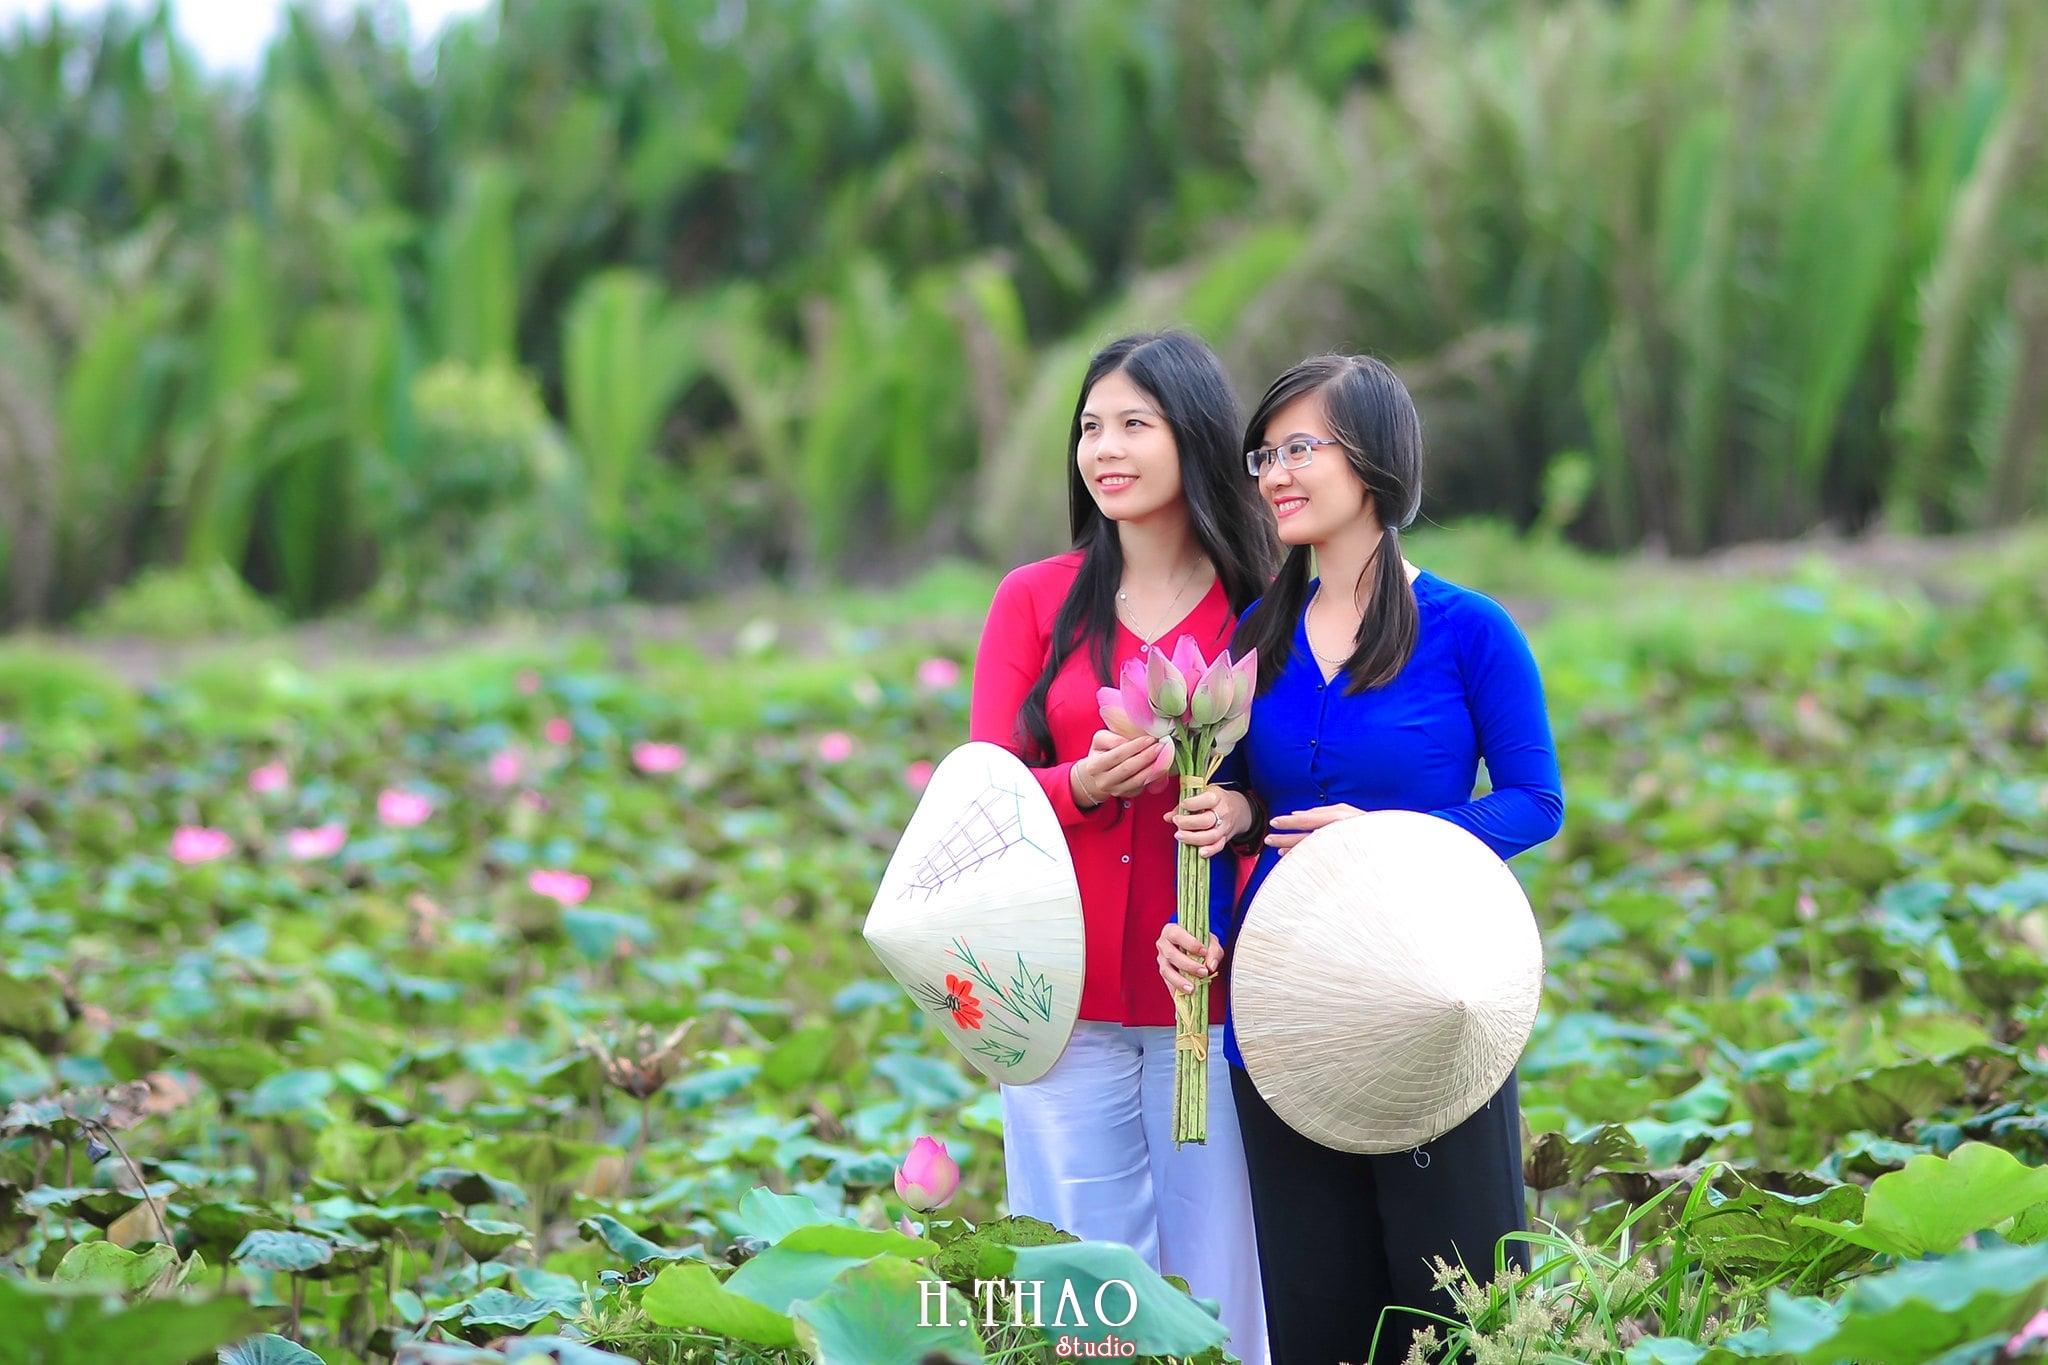 Hoa sen 1 - Tháng 6, chụp hình với hoa sen tại Tam đa quận 9 – Tp.HCM